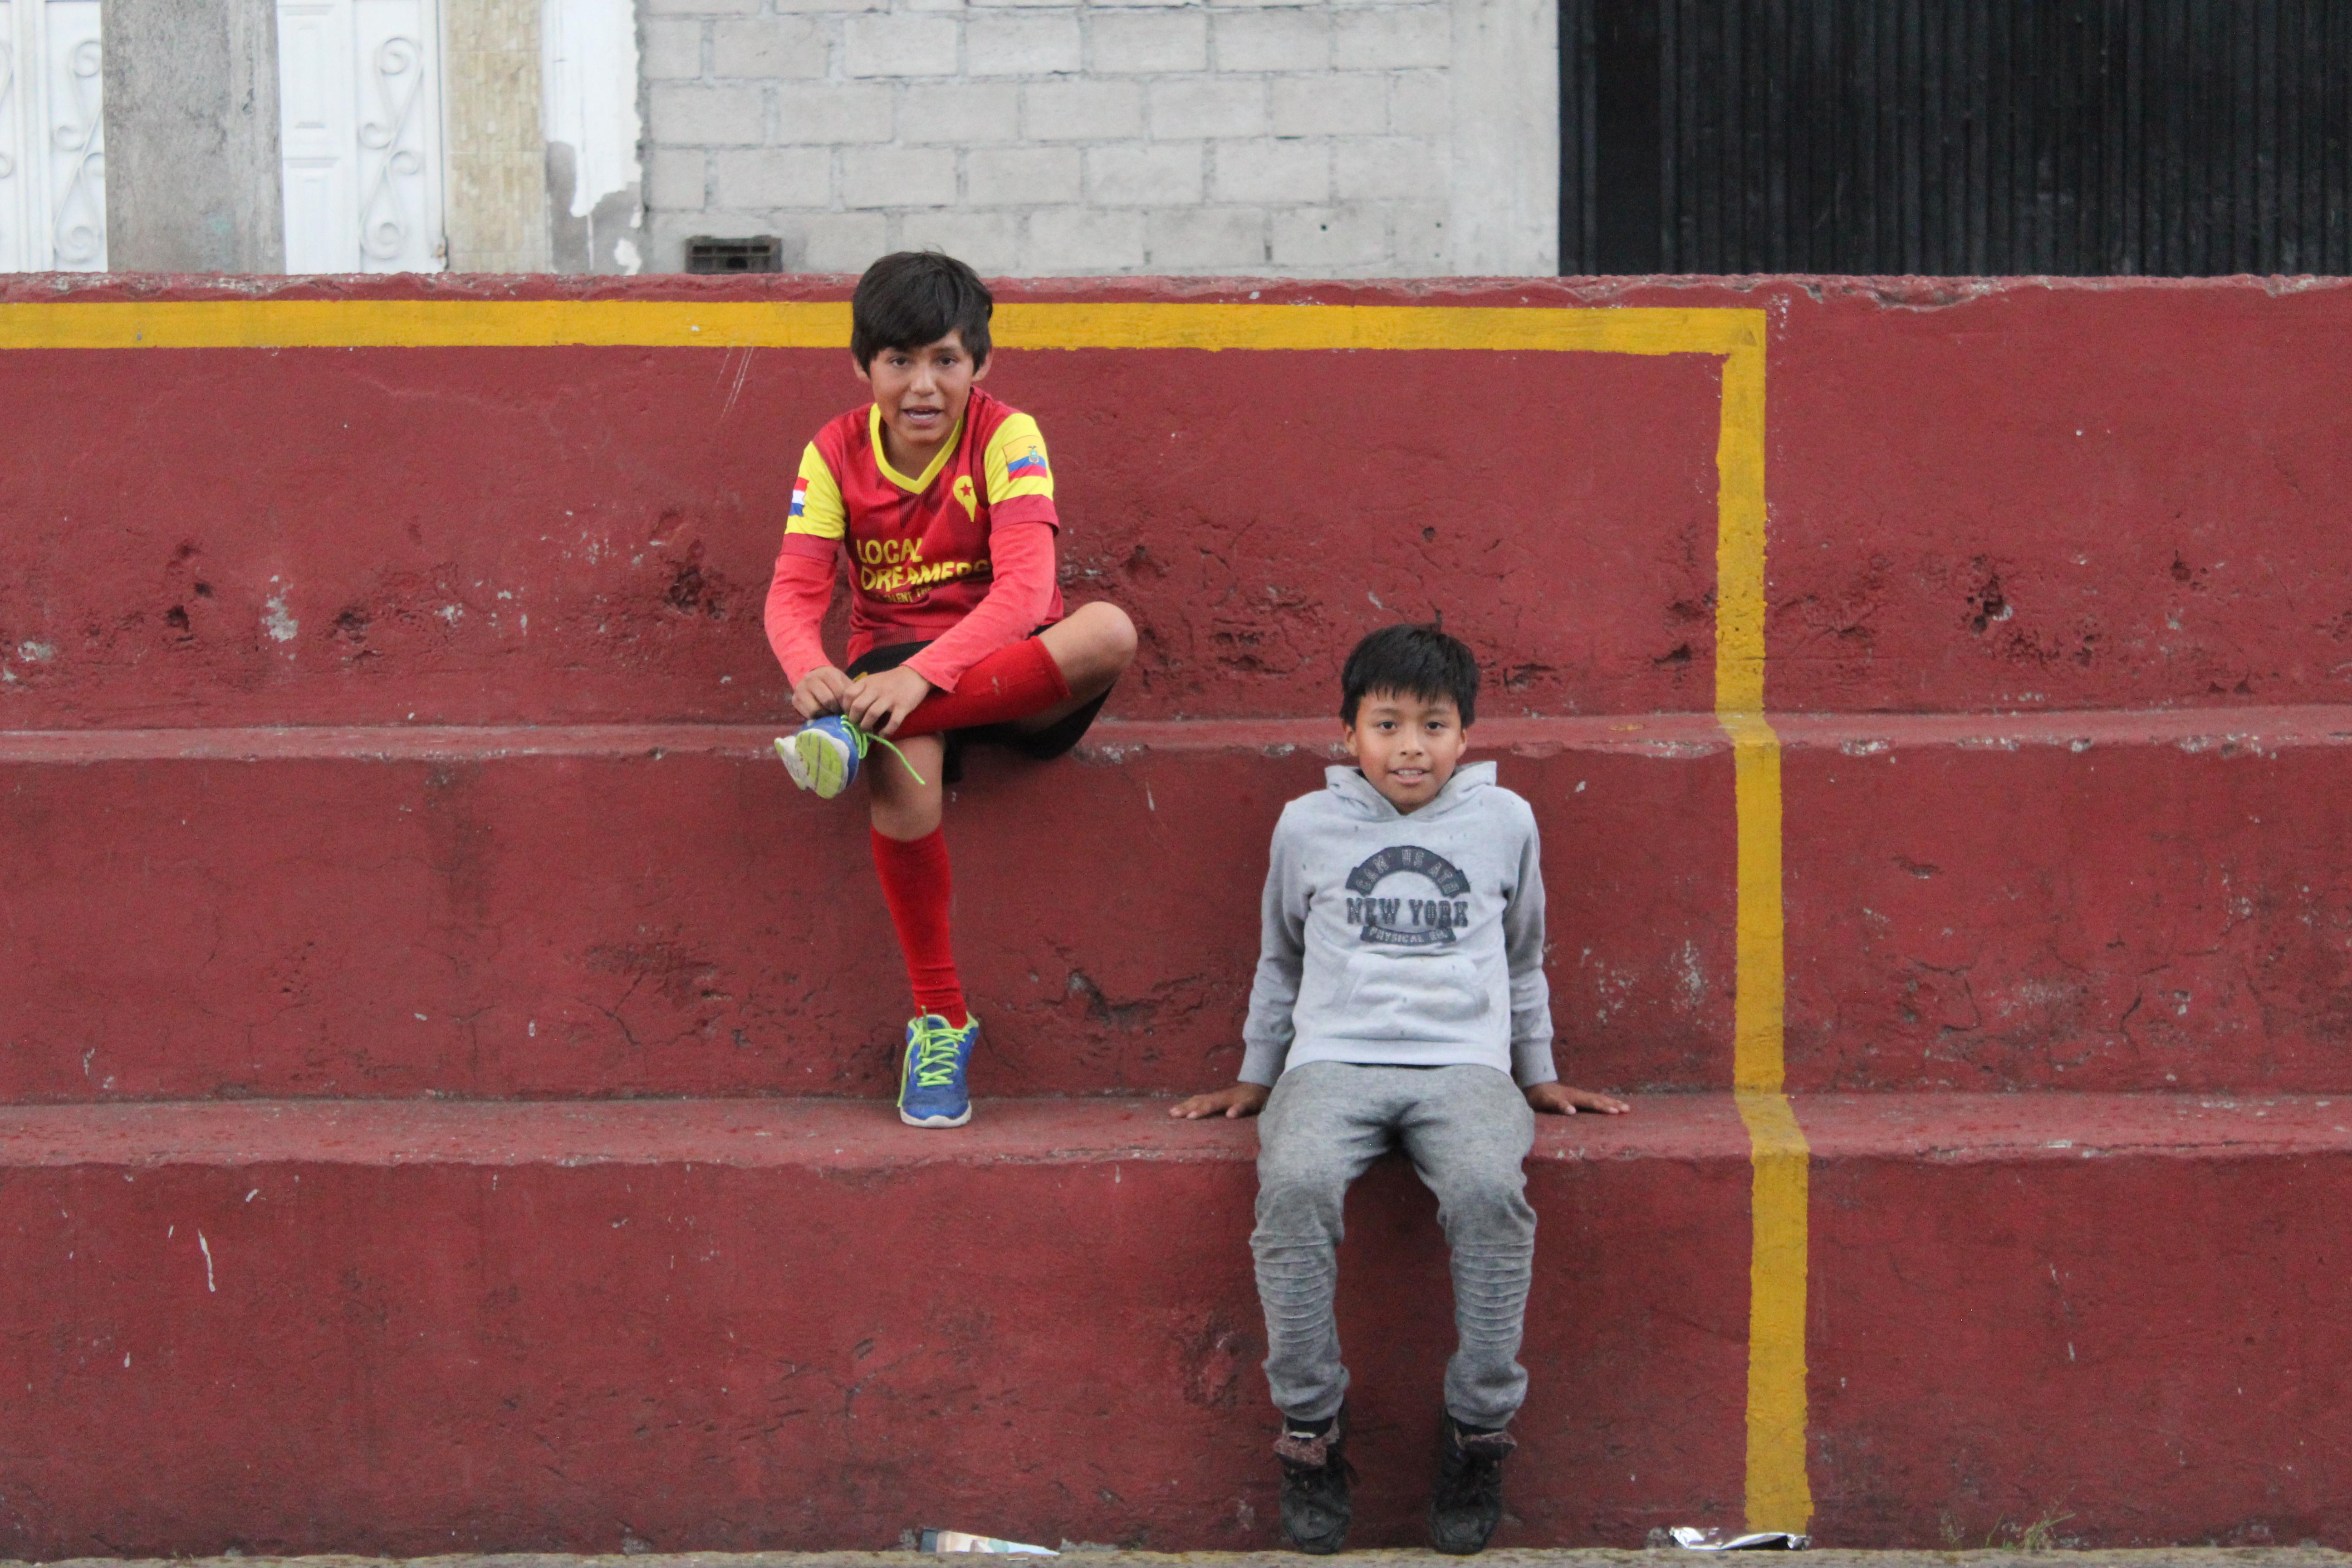 Na de training lekker uitpuffen op de tribune.